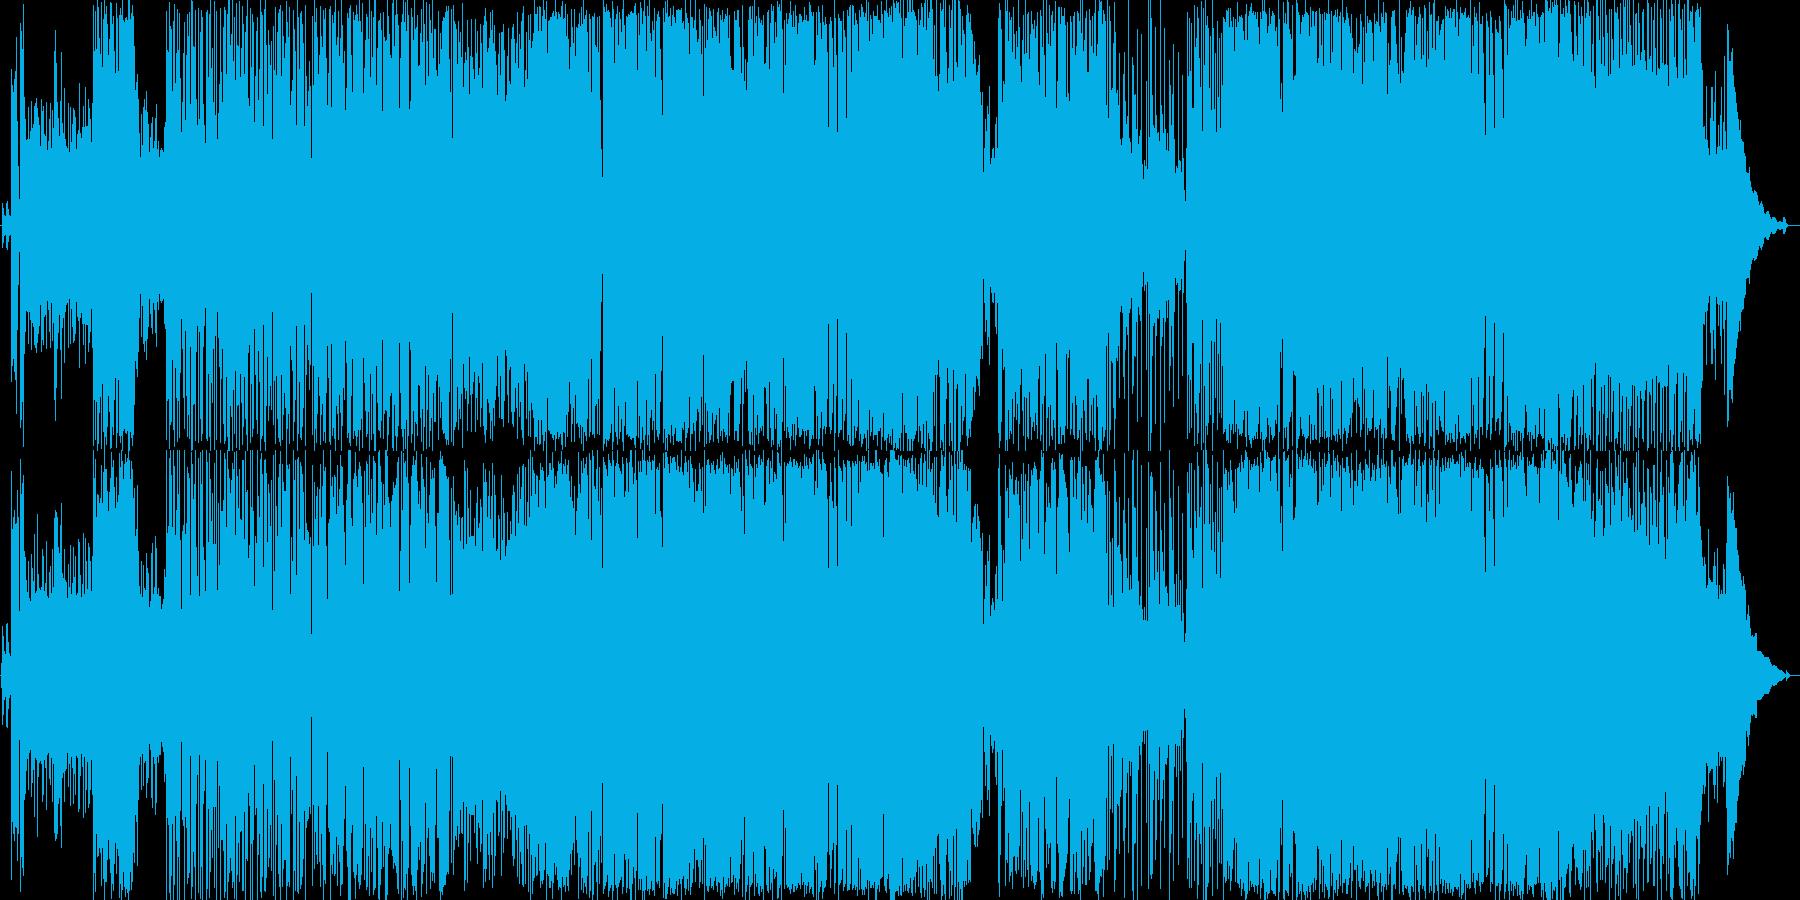 ギターリフがかっこいいロックバンド曲の再生済みの波形